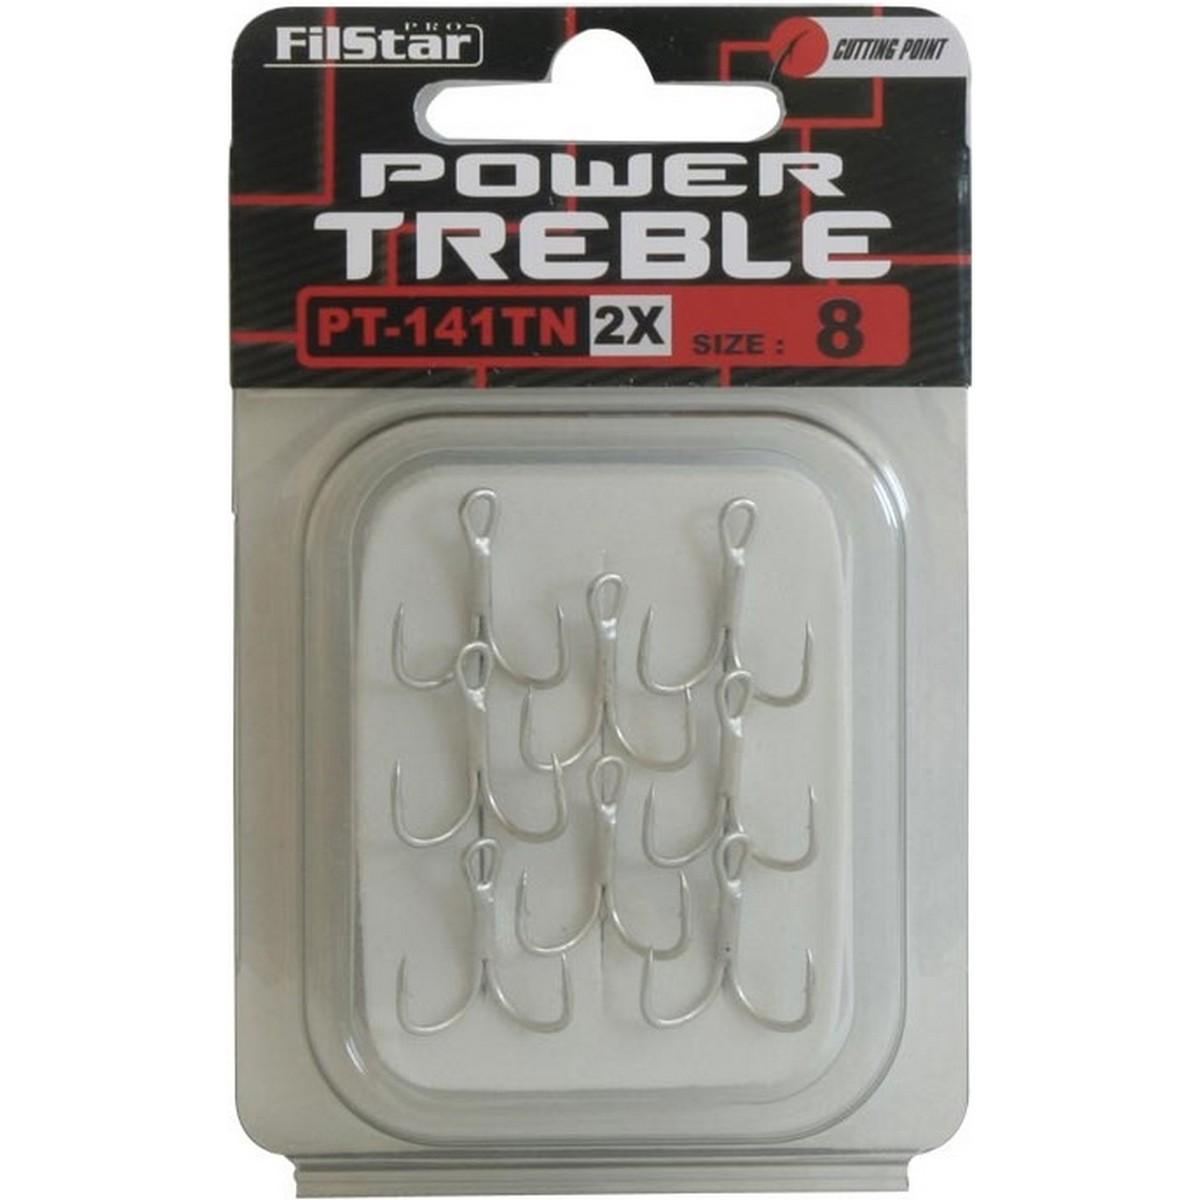 Тройка Filstar Power Treble PT-141TN-2X